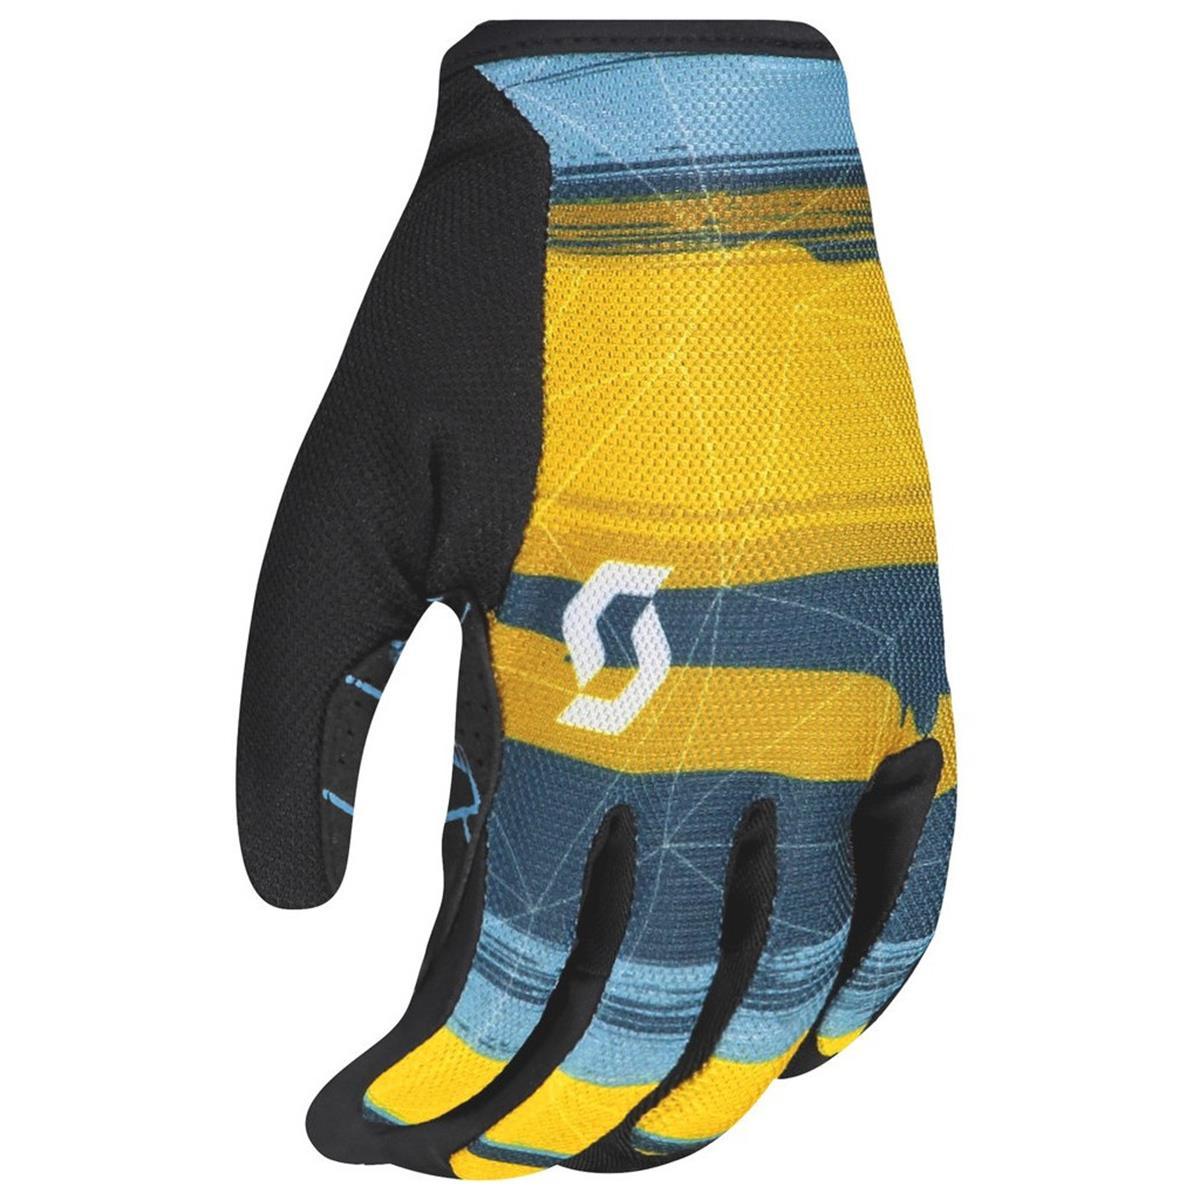 Scott Bike-Handschuhe Traction Ochre Yellow/Blau